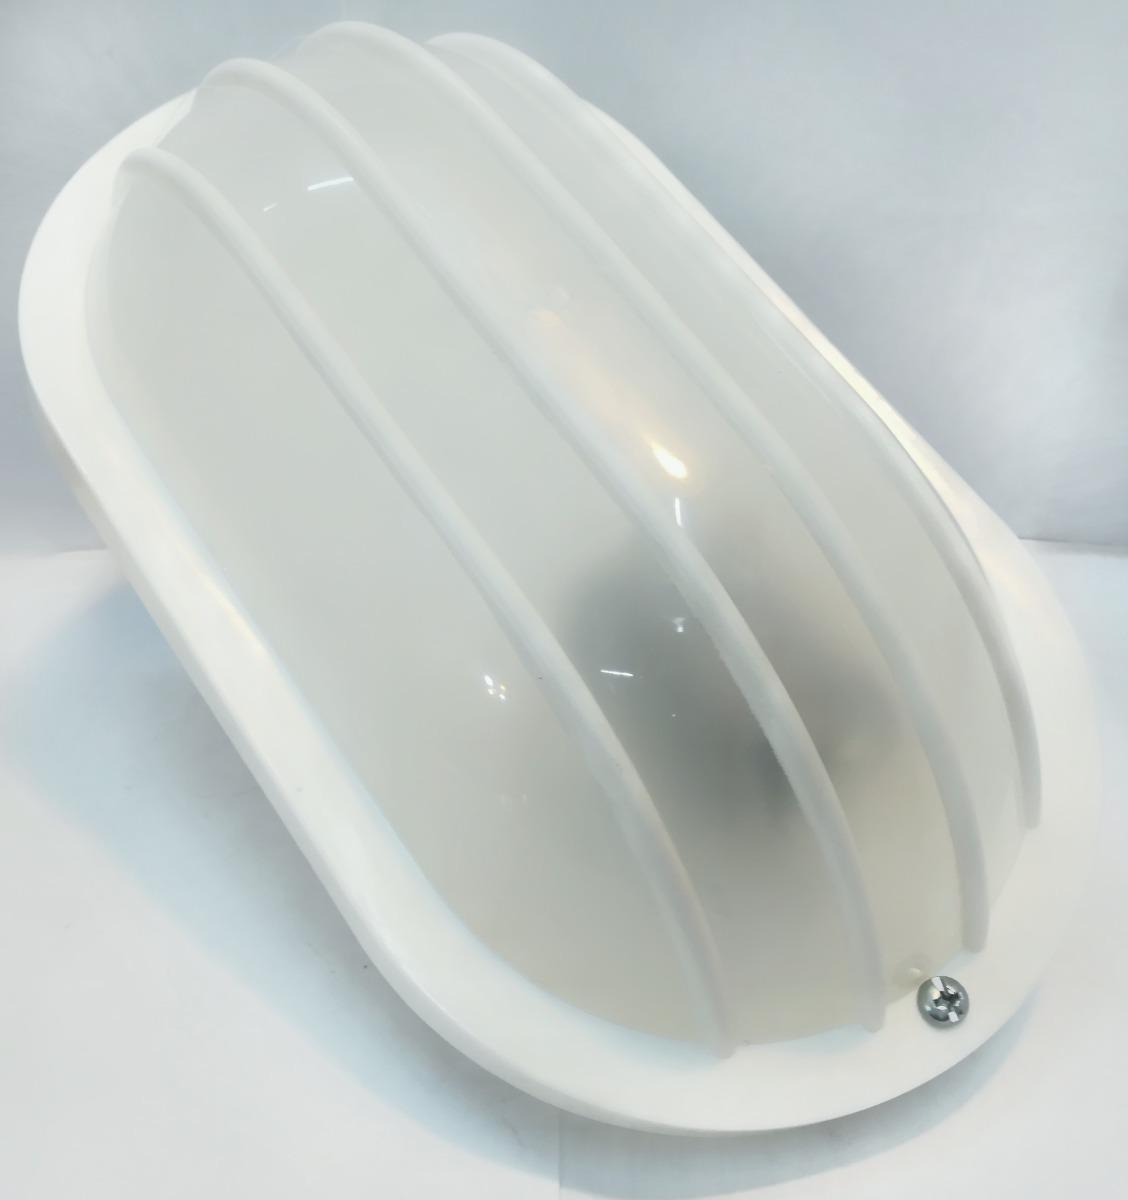 Tortuga Plástica Ovalada Reja Color N/b Ext. Intemperie - $ 403,64 ...